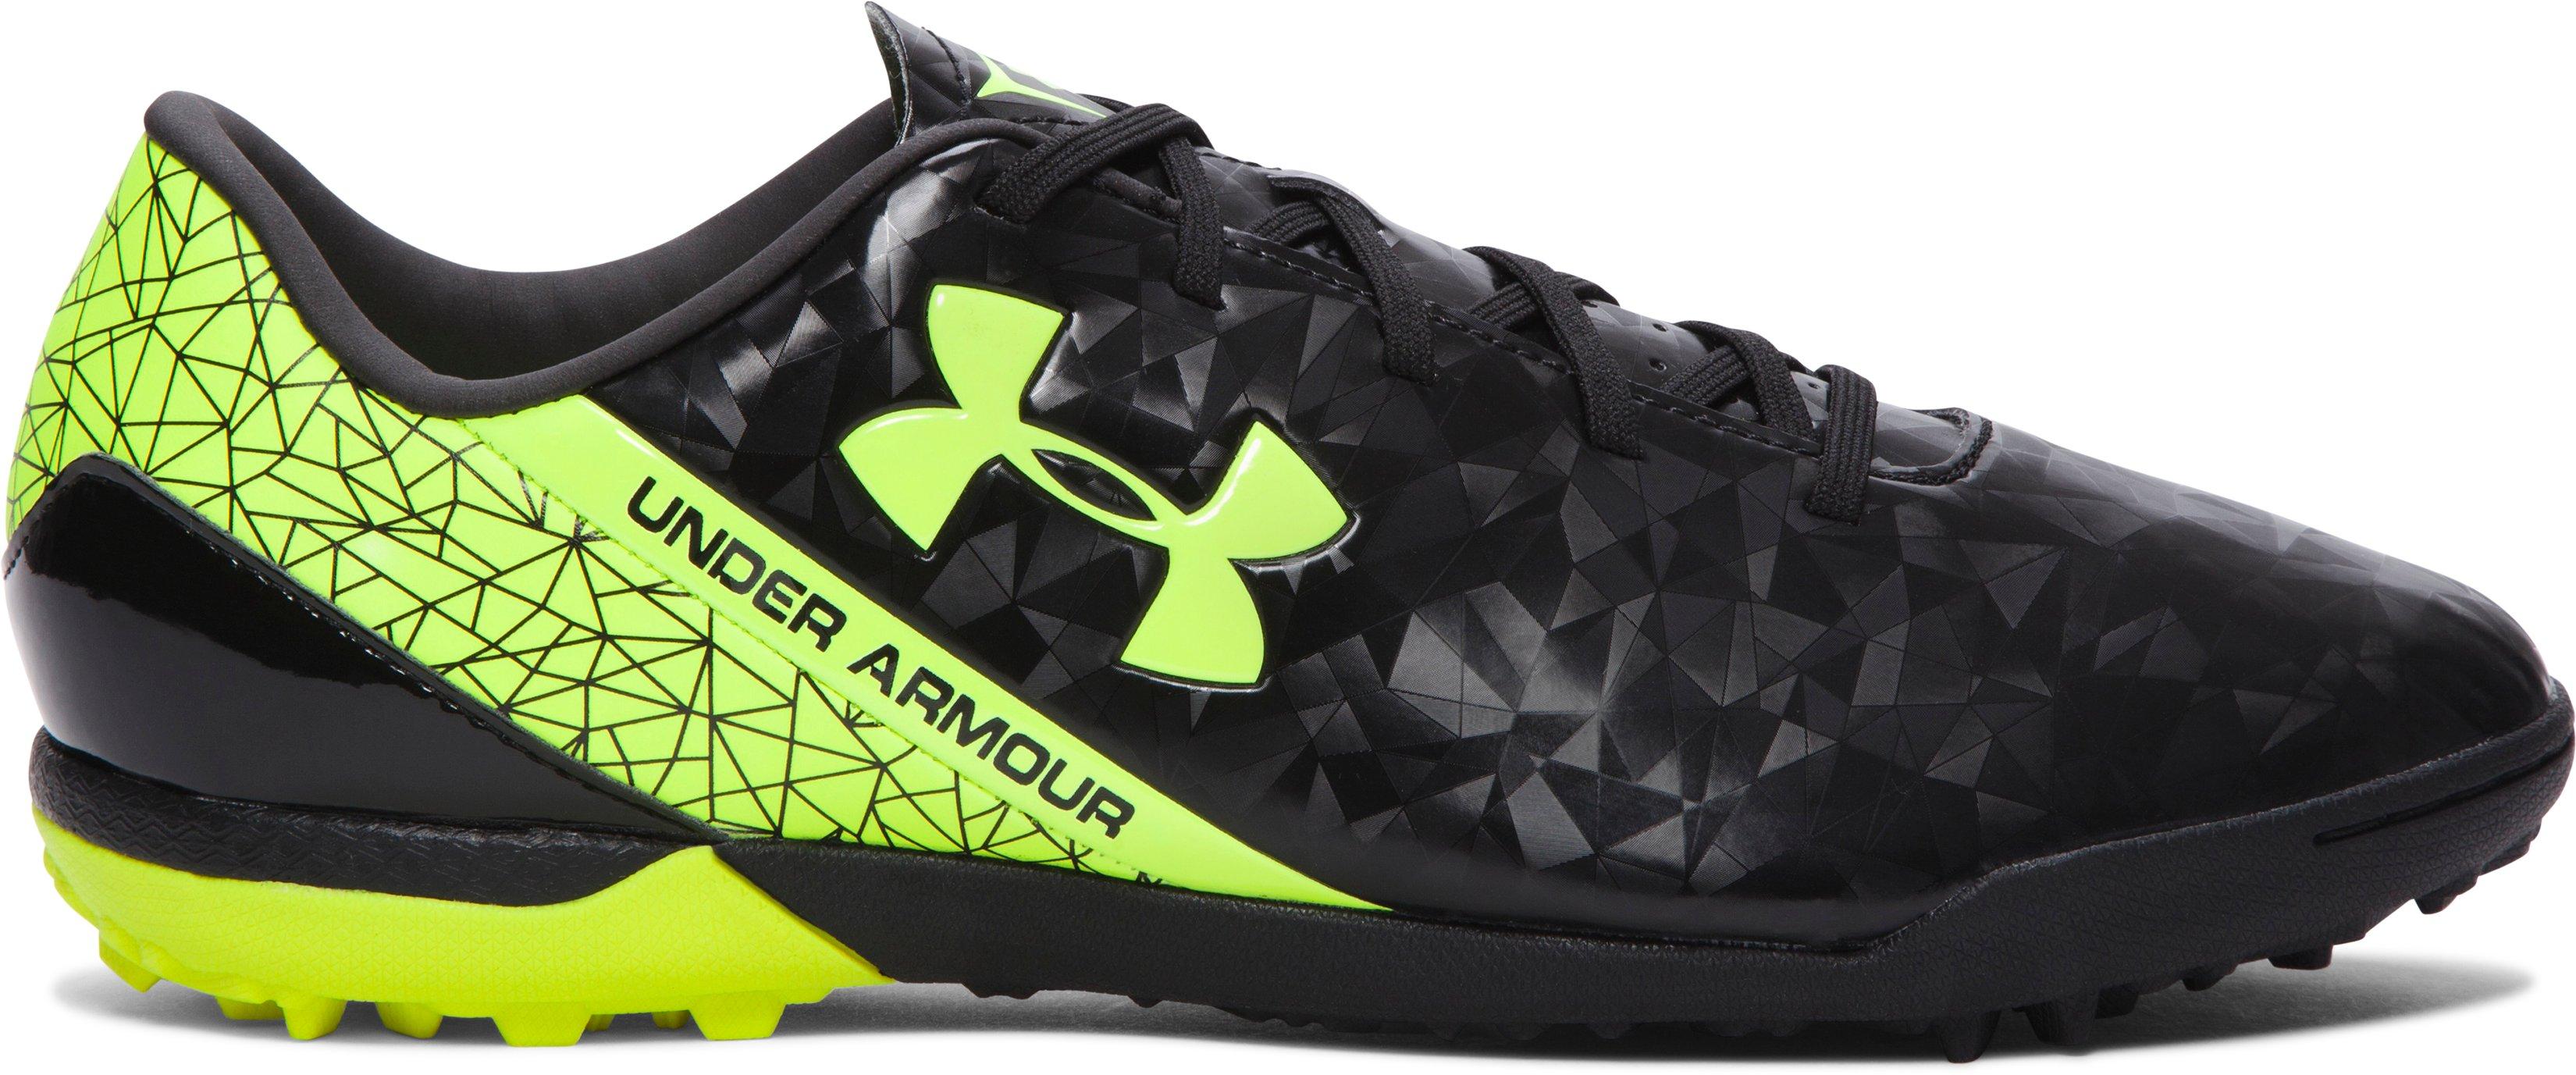 Zapatos de Fútbol UA SF Flash TR para Hombre, 360 degree view